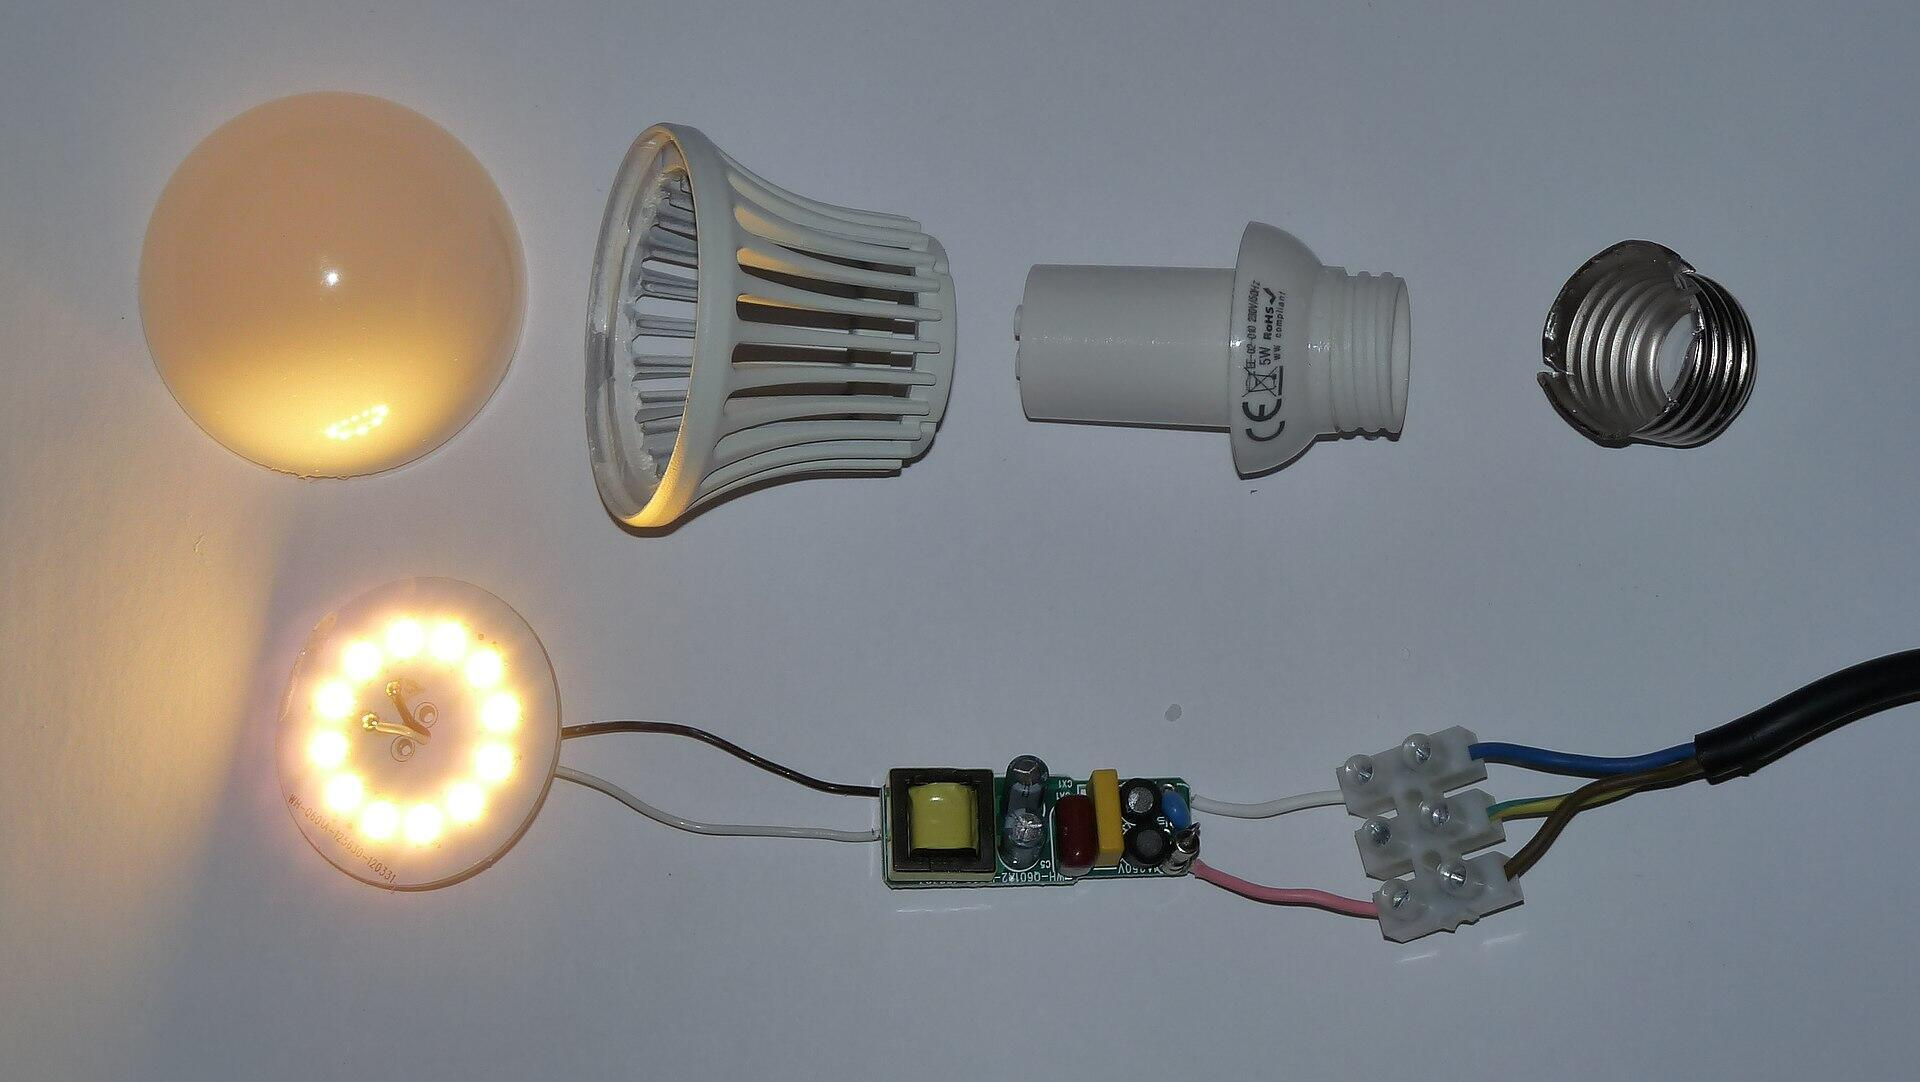 Una bombilla LED desarmada, al interior, diodos azules recubiertos de fósforo amarillo para imitar la luz blanca.